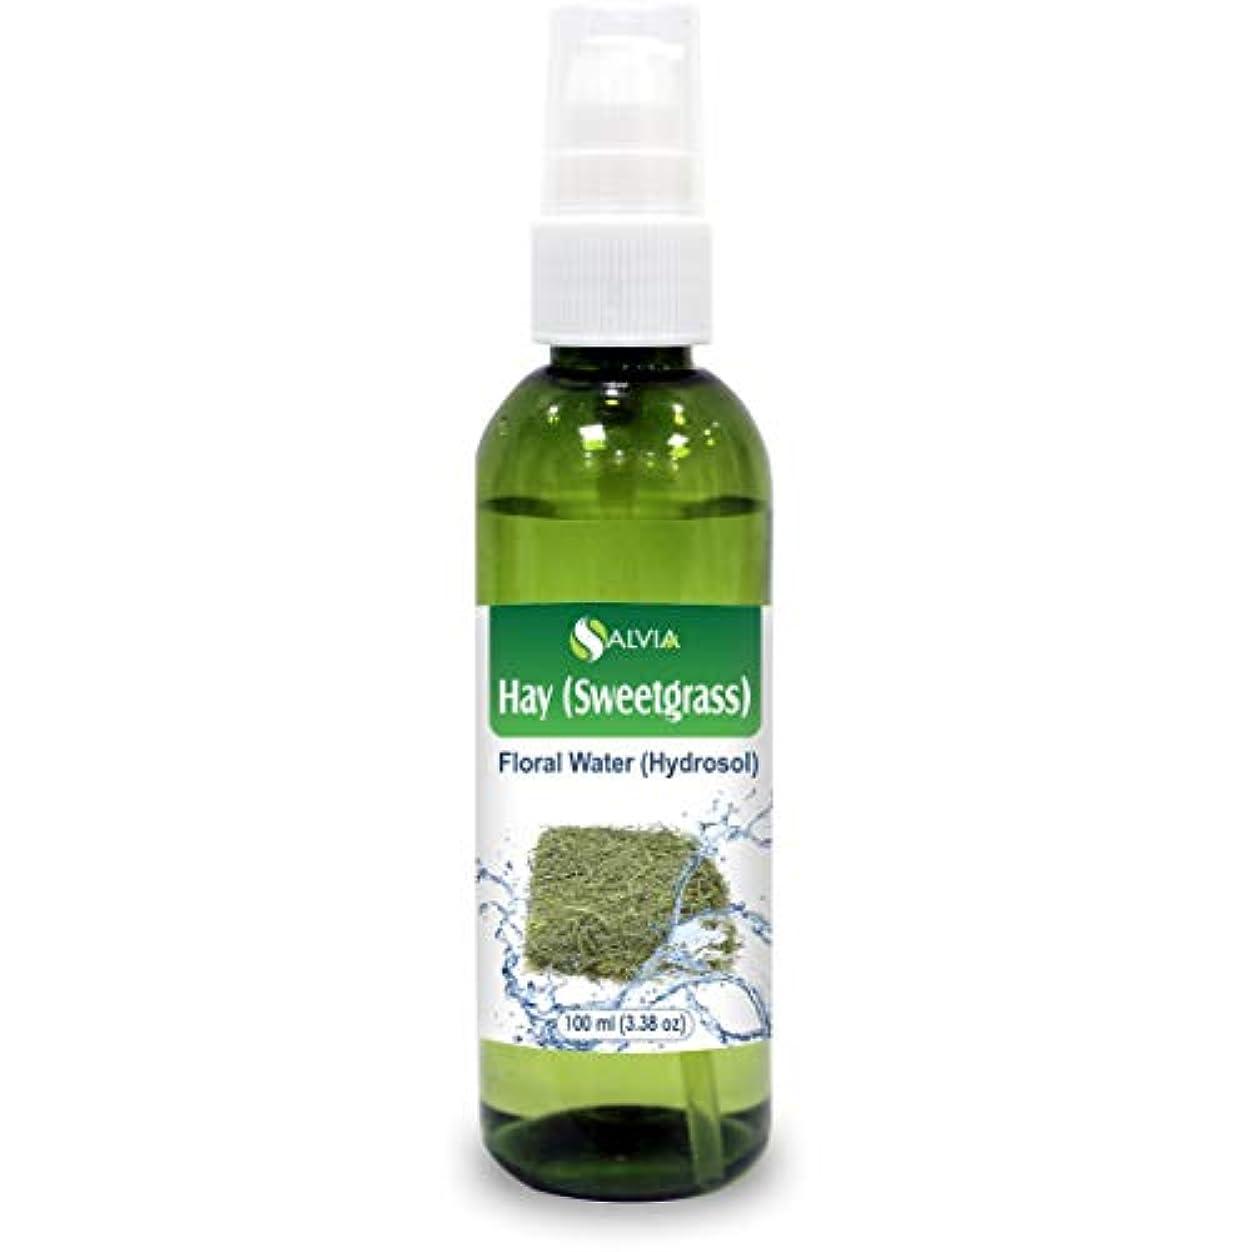 付与相対性理論いいねHay (Sweetgrass) Floral Water 100ml (Hydrosol) 100% Pure And Natural